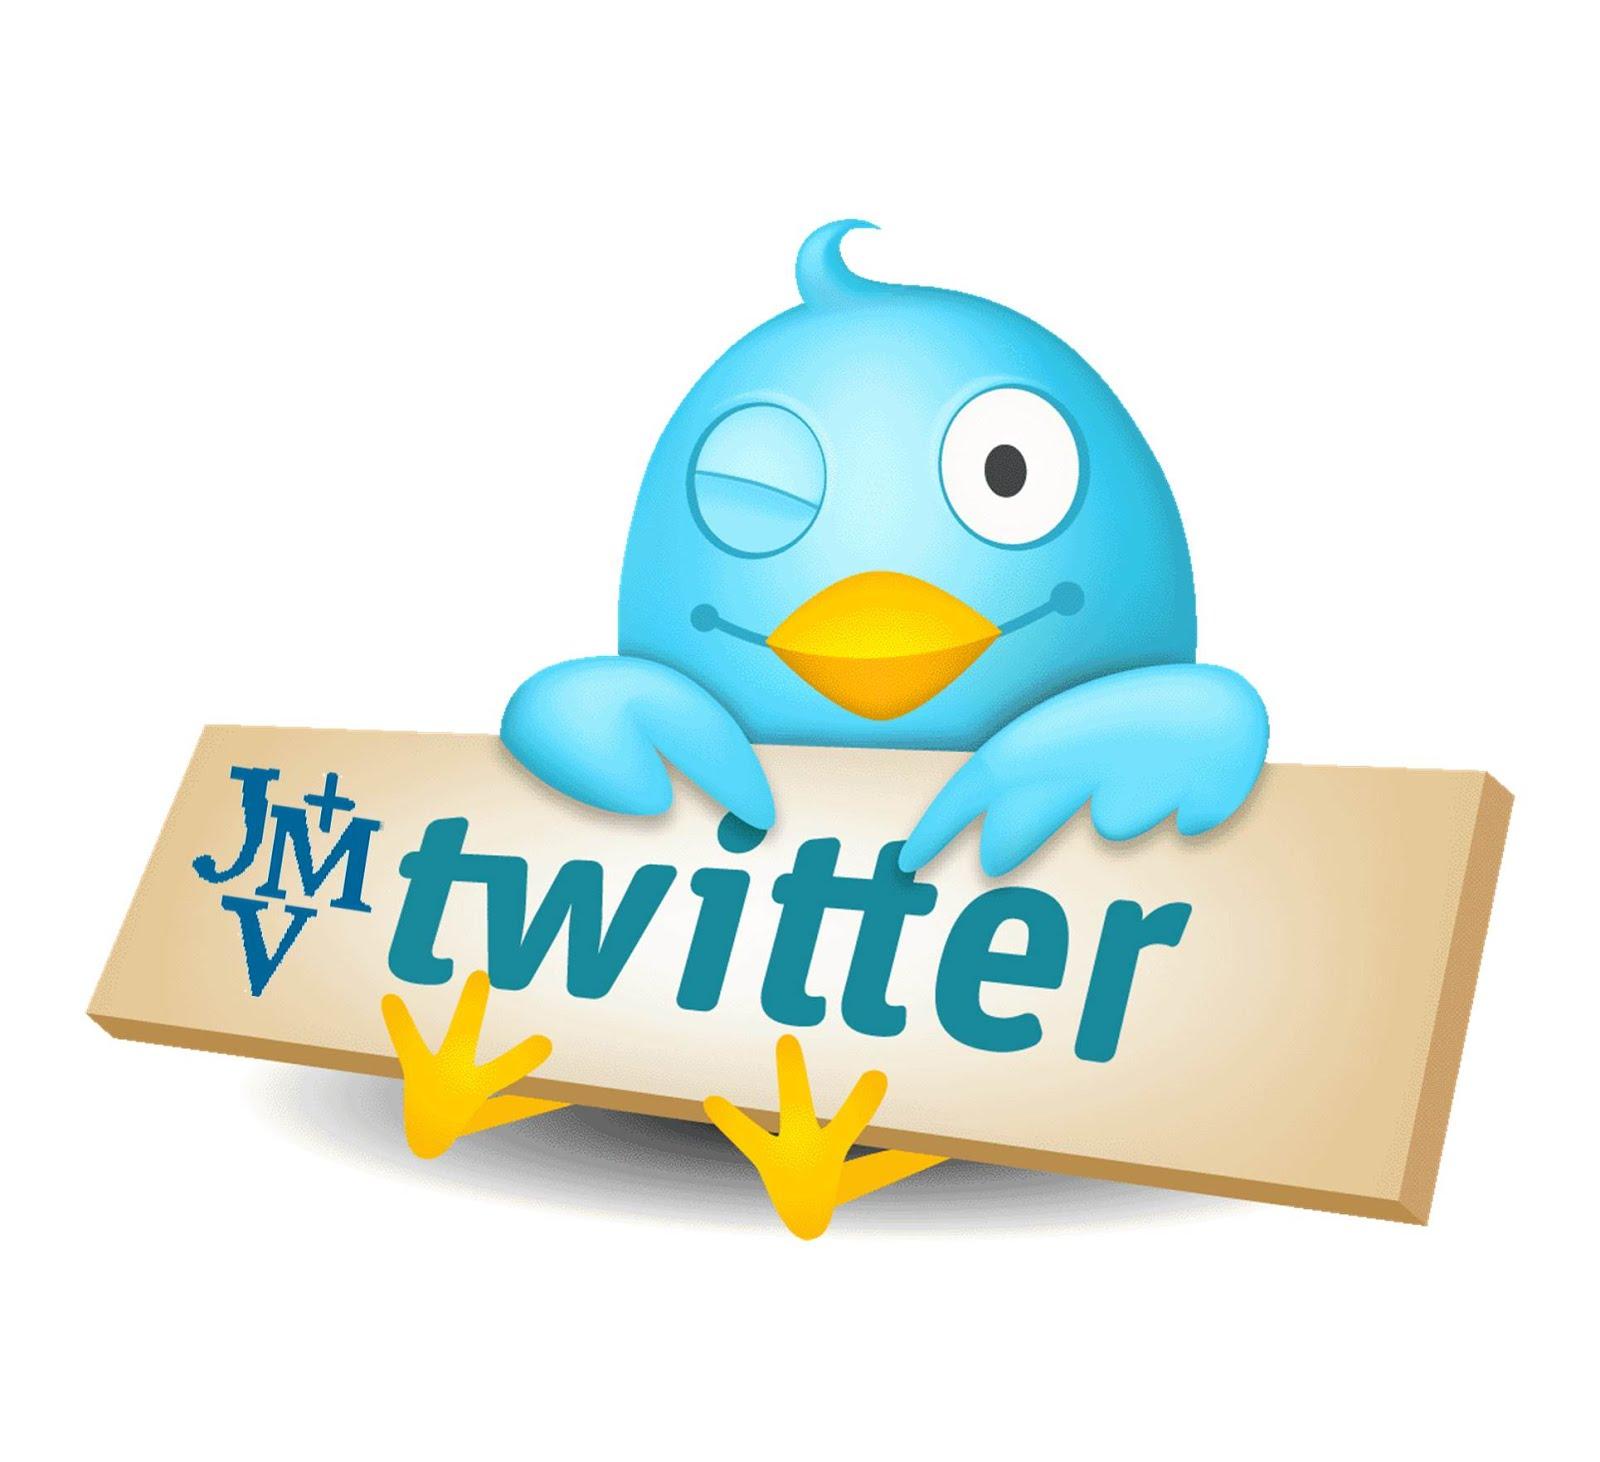 Twitter JMV Sanse